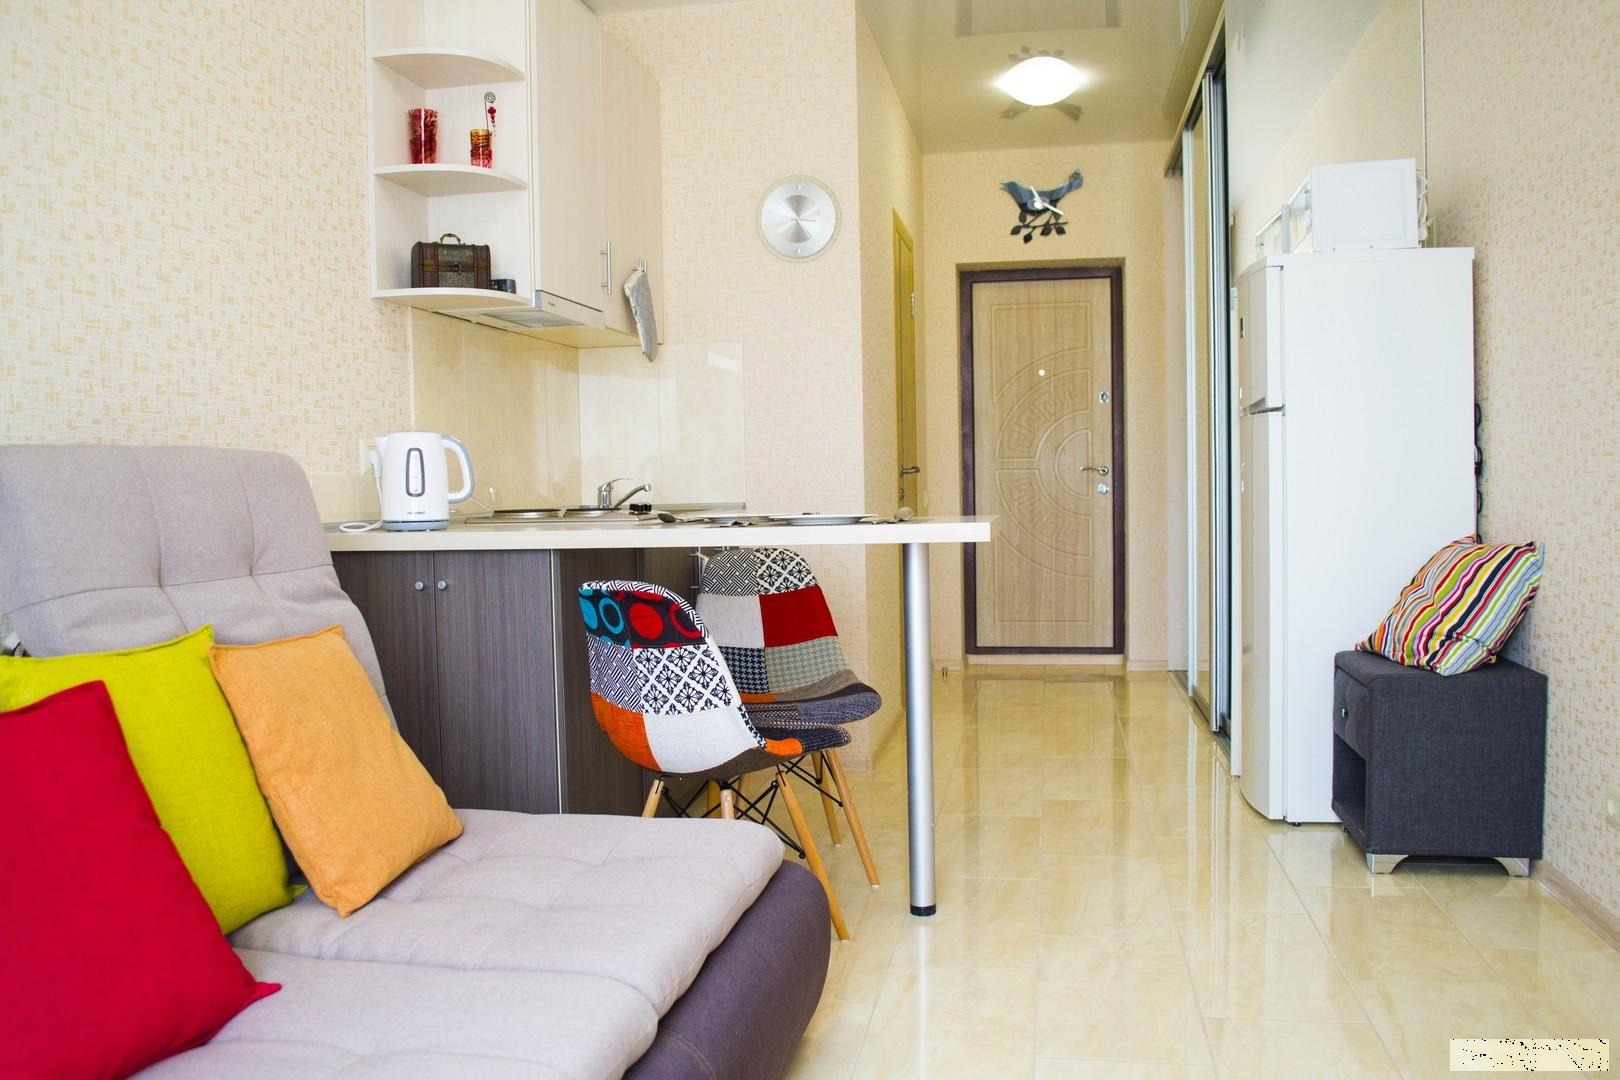 Гостинка – в чем привлекательность данного типа жилья?